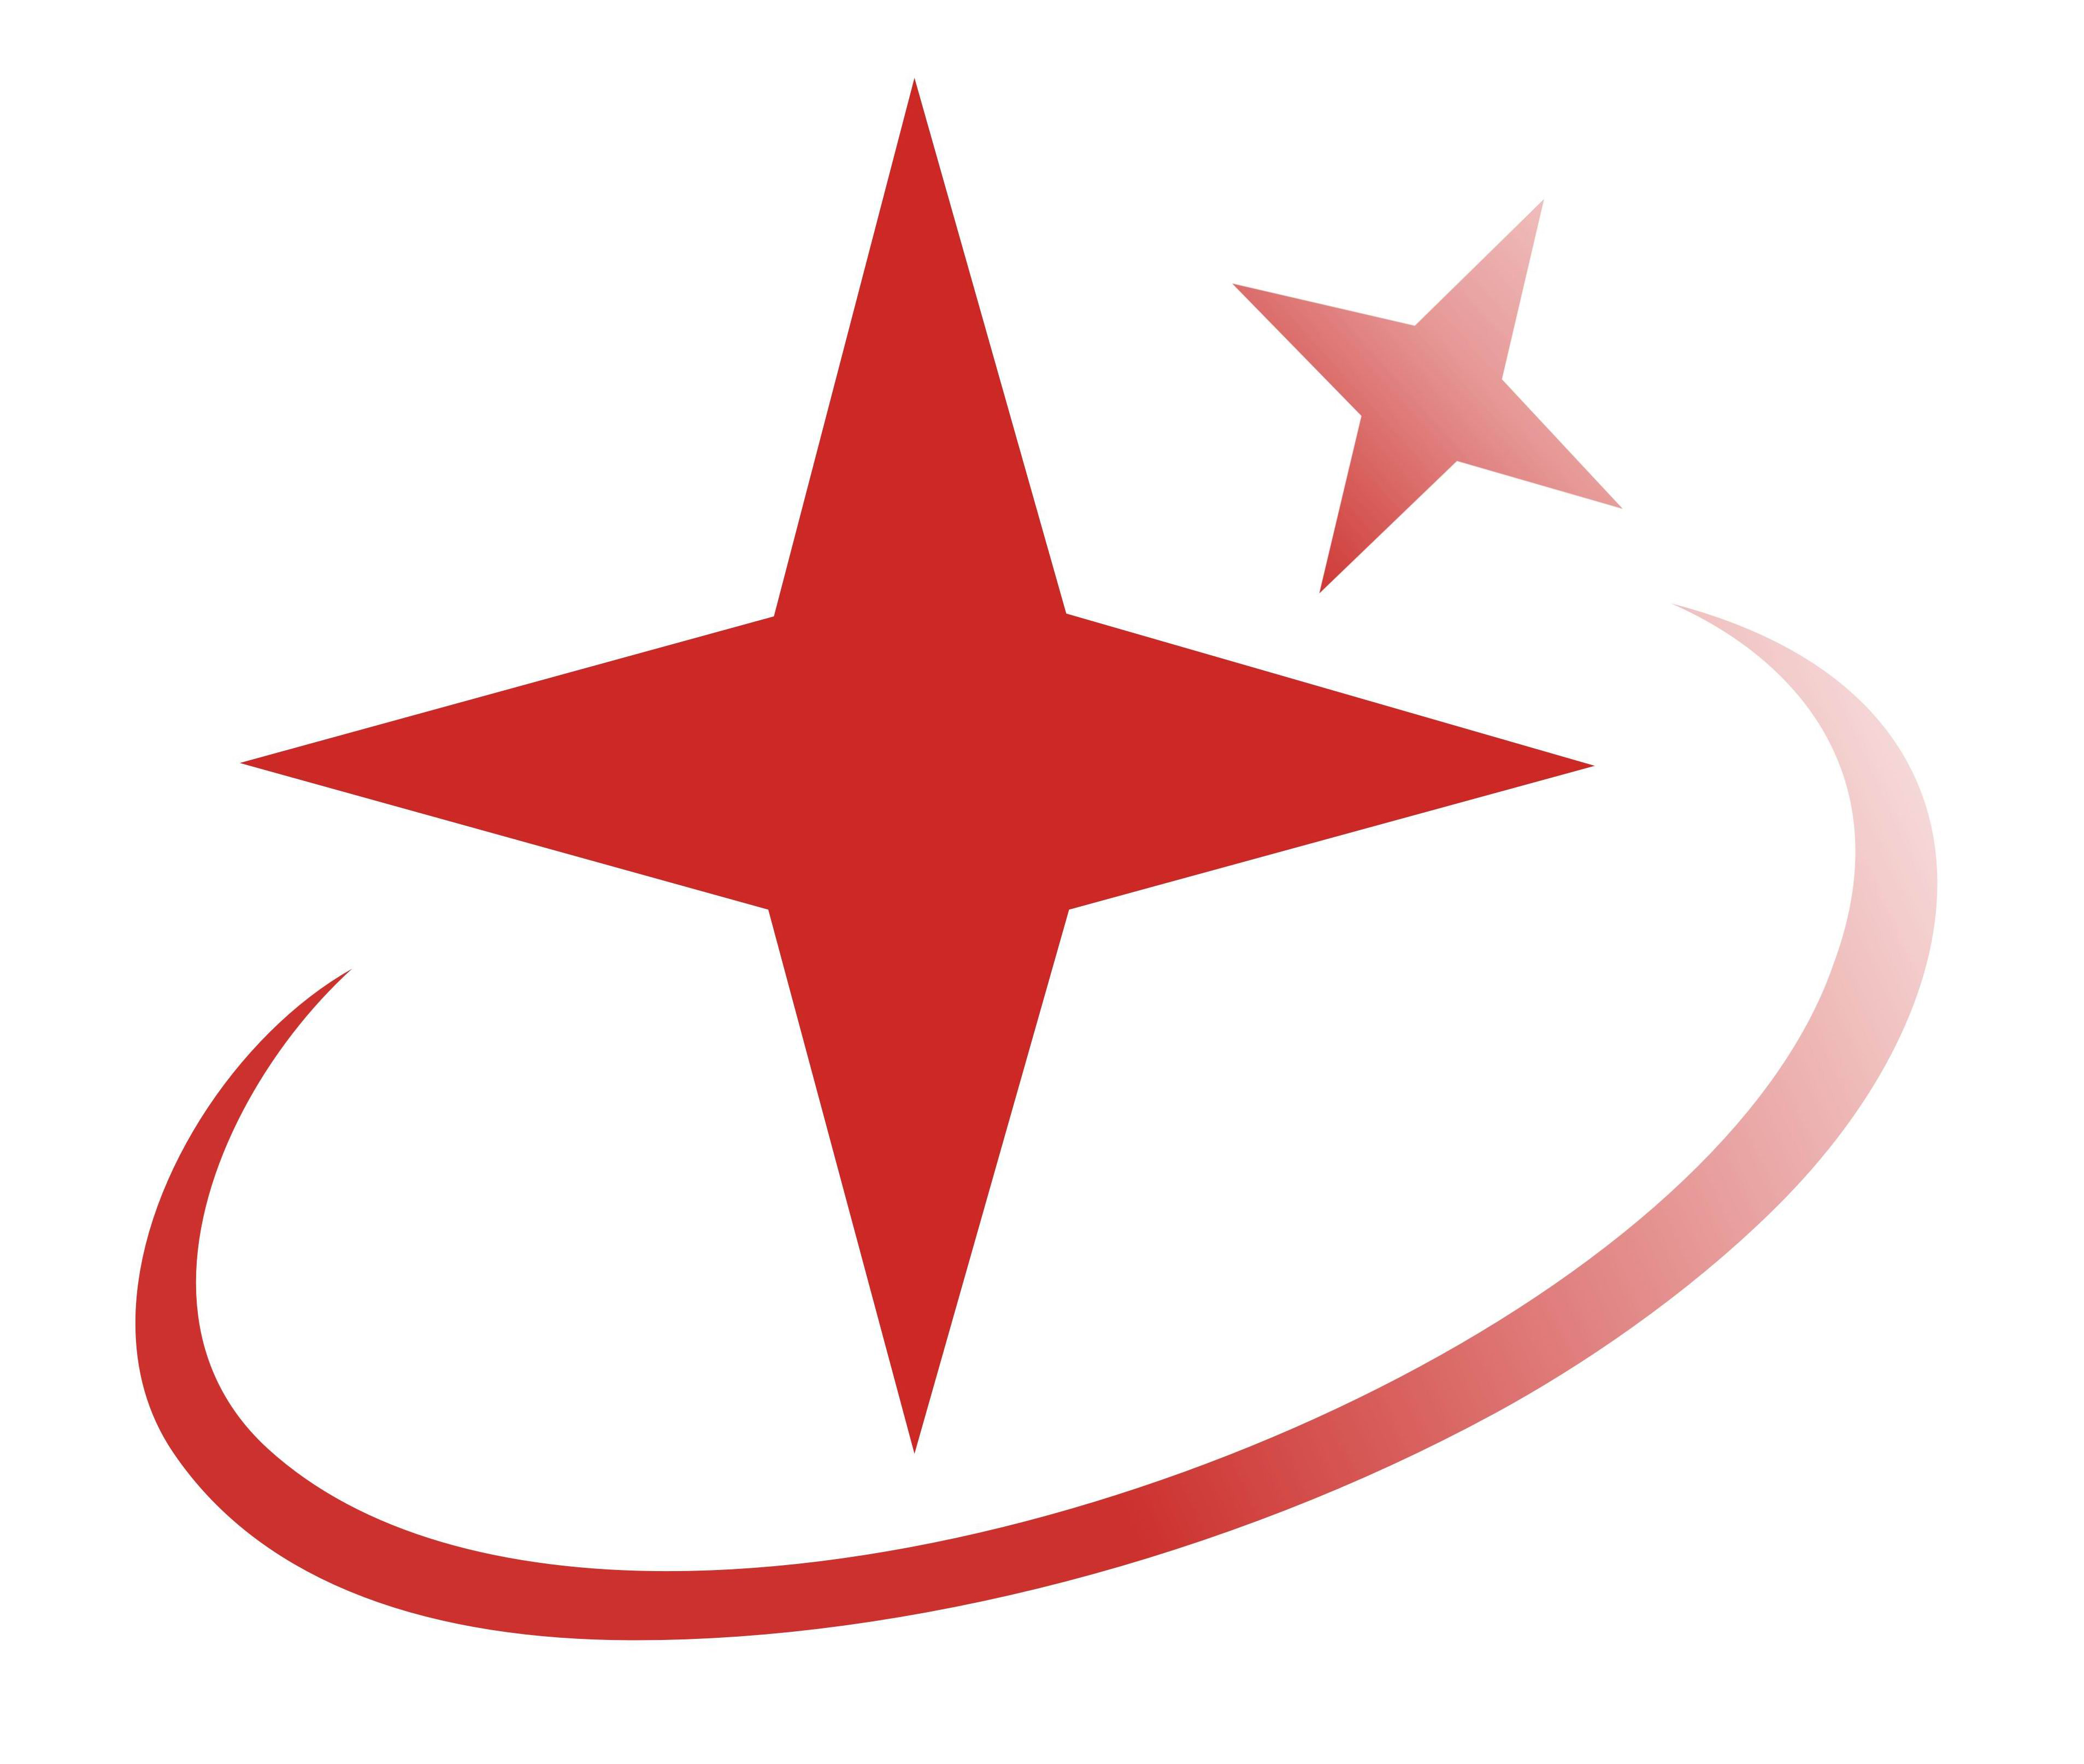 logo logo 标志 设计 矢量 矢量图 素材 图标 3814_3228